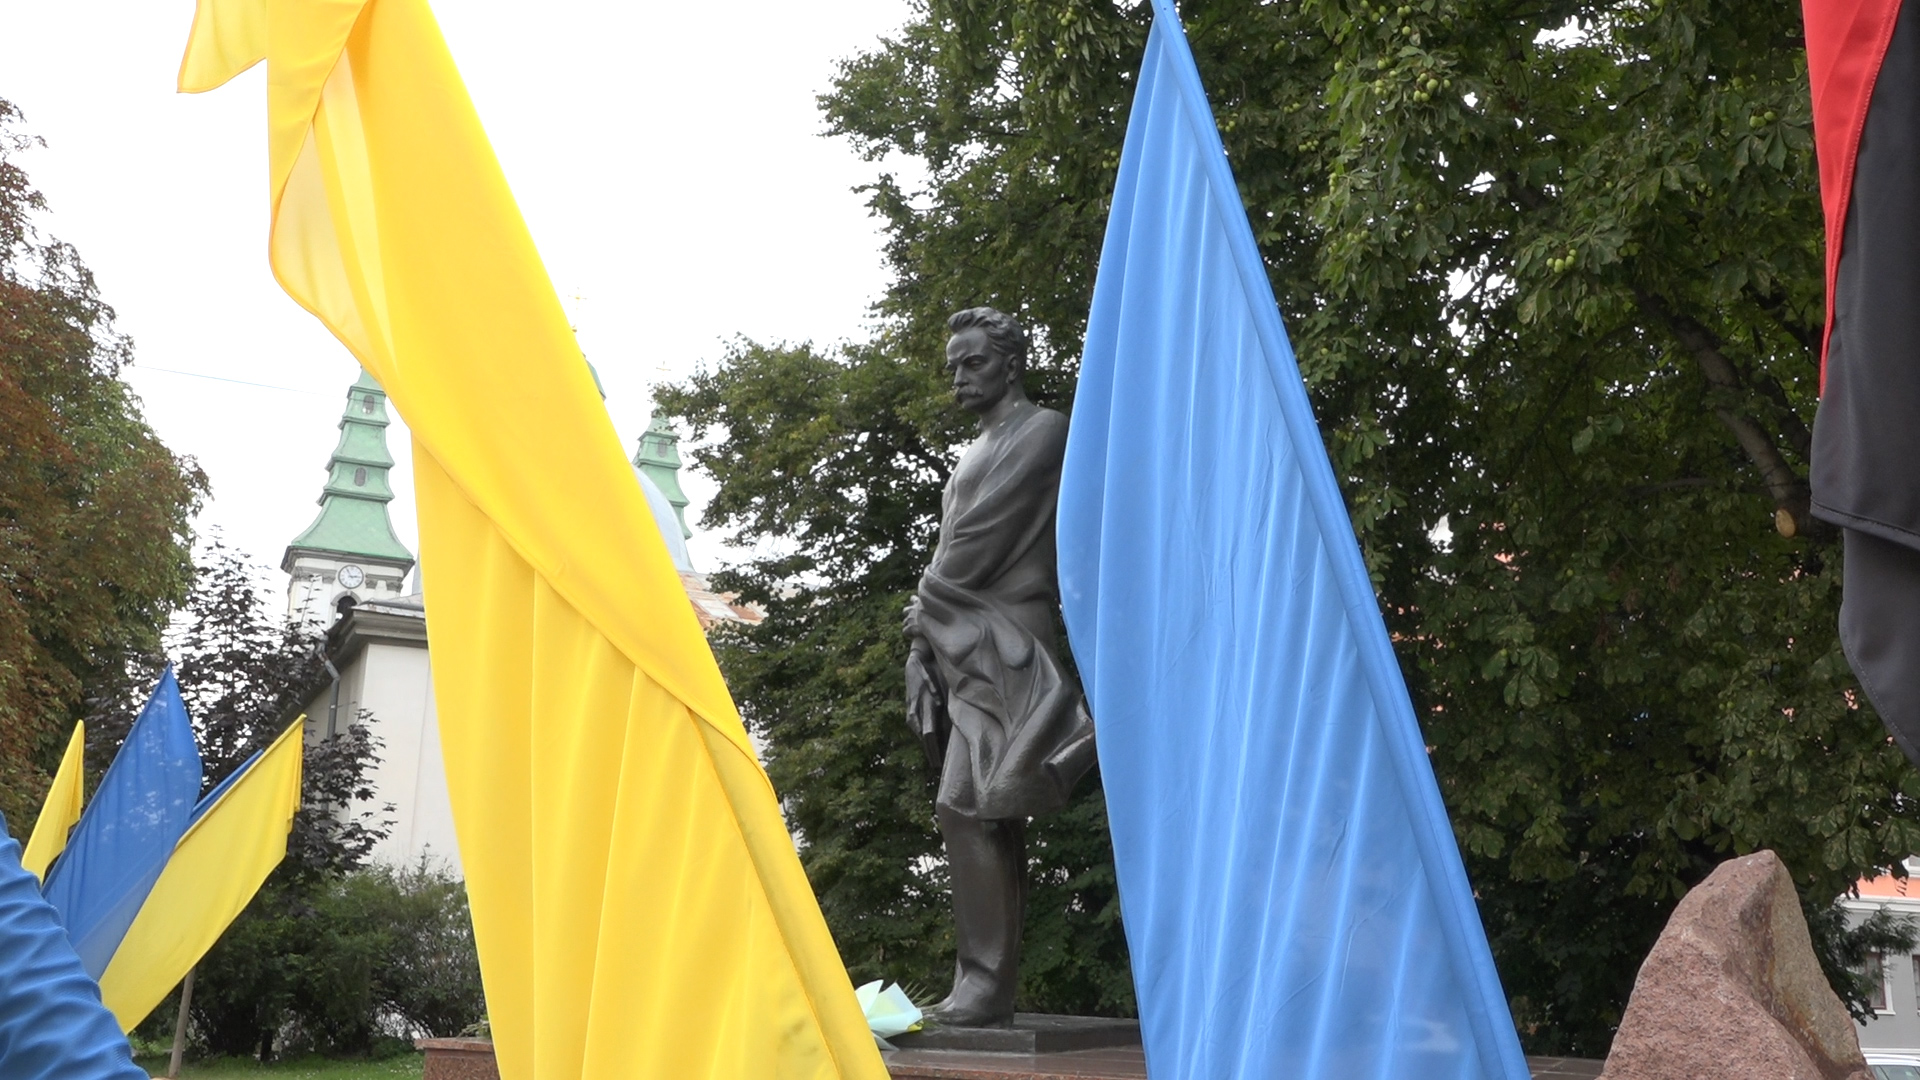 Івану Франку 165: ювілейну дату урочисто відзначили у Тернополі піснями, віршами і квітами